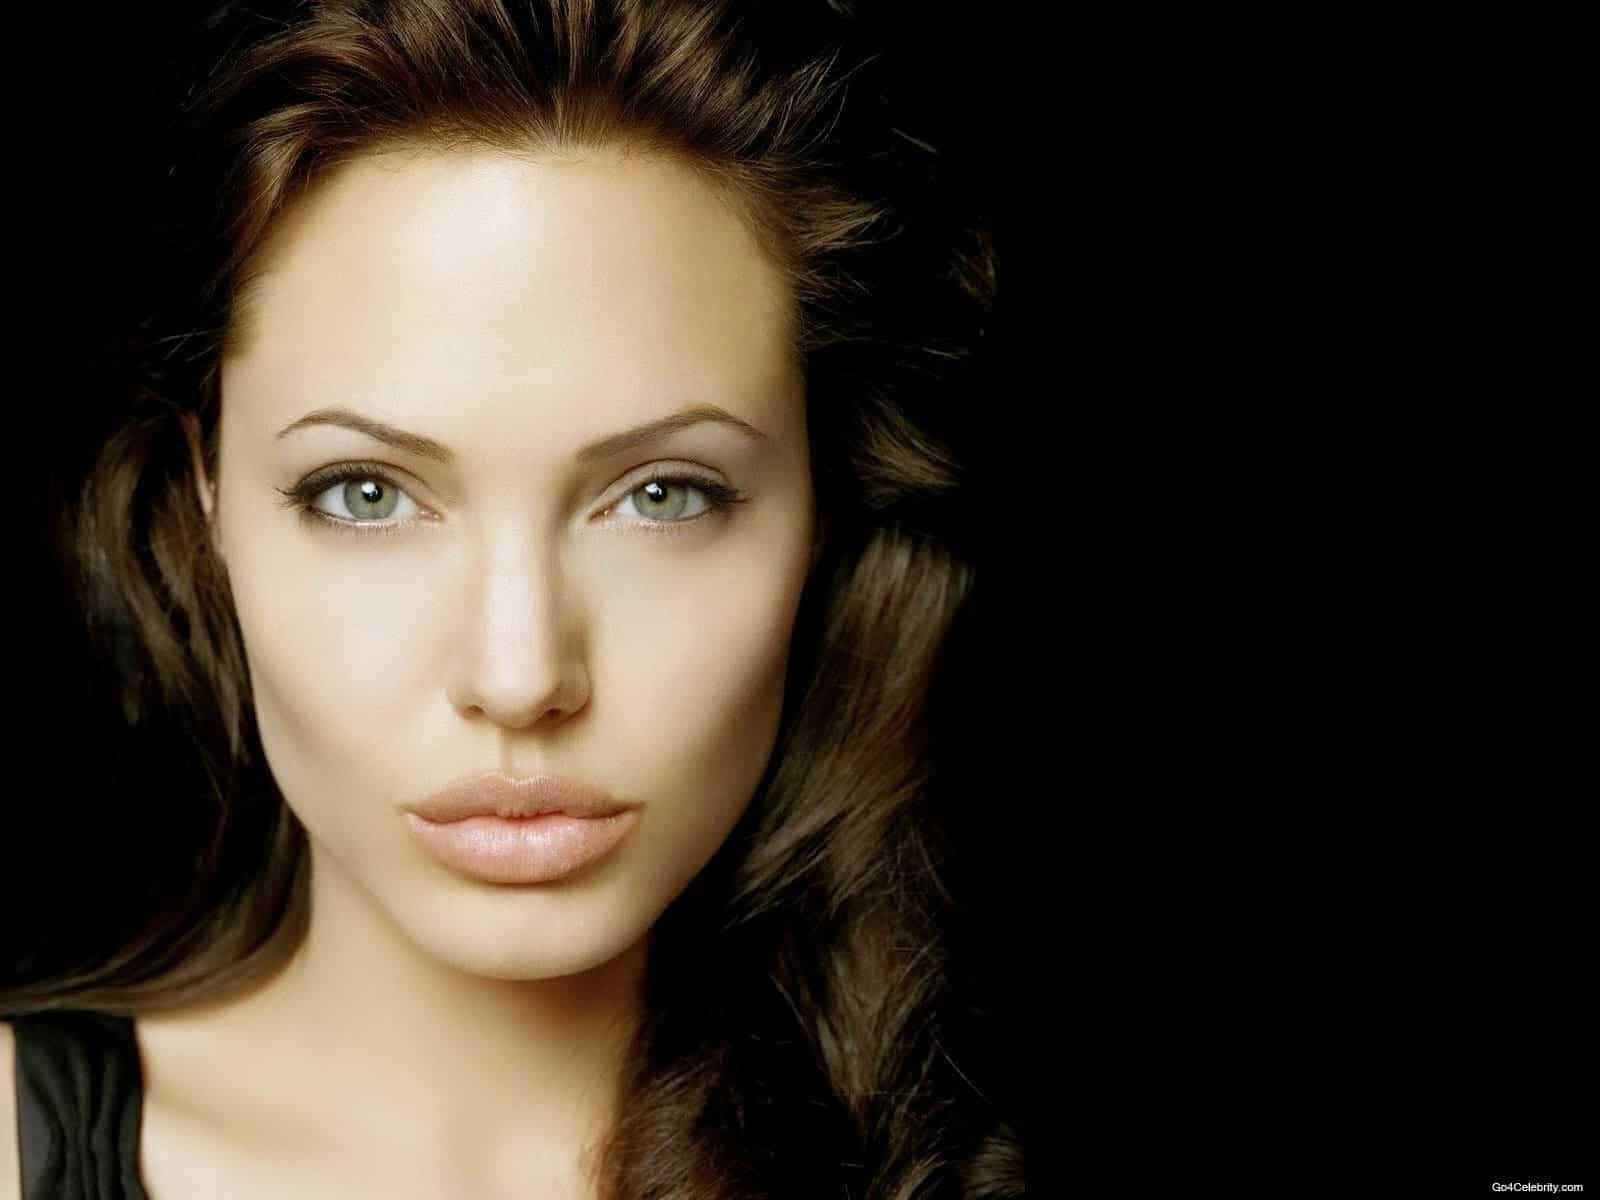 Angelina Jolie Bio, Height, Affairs, Net Worth, Boyfriend